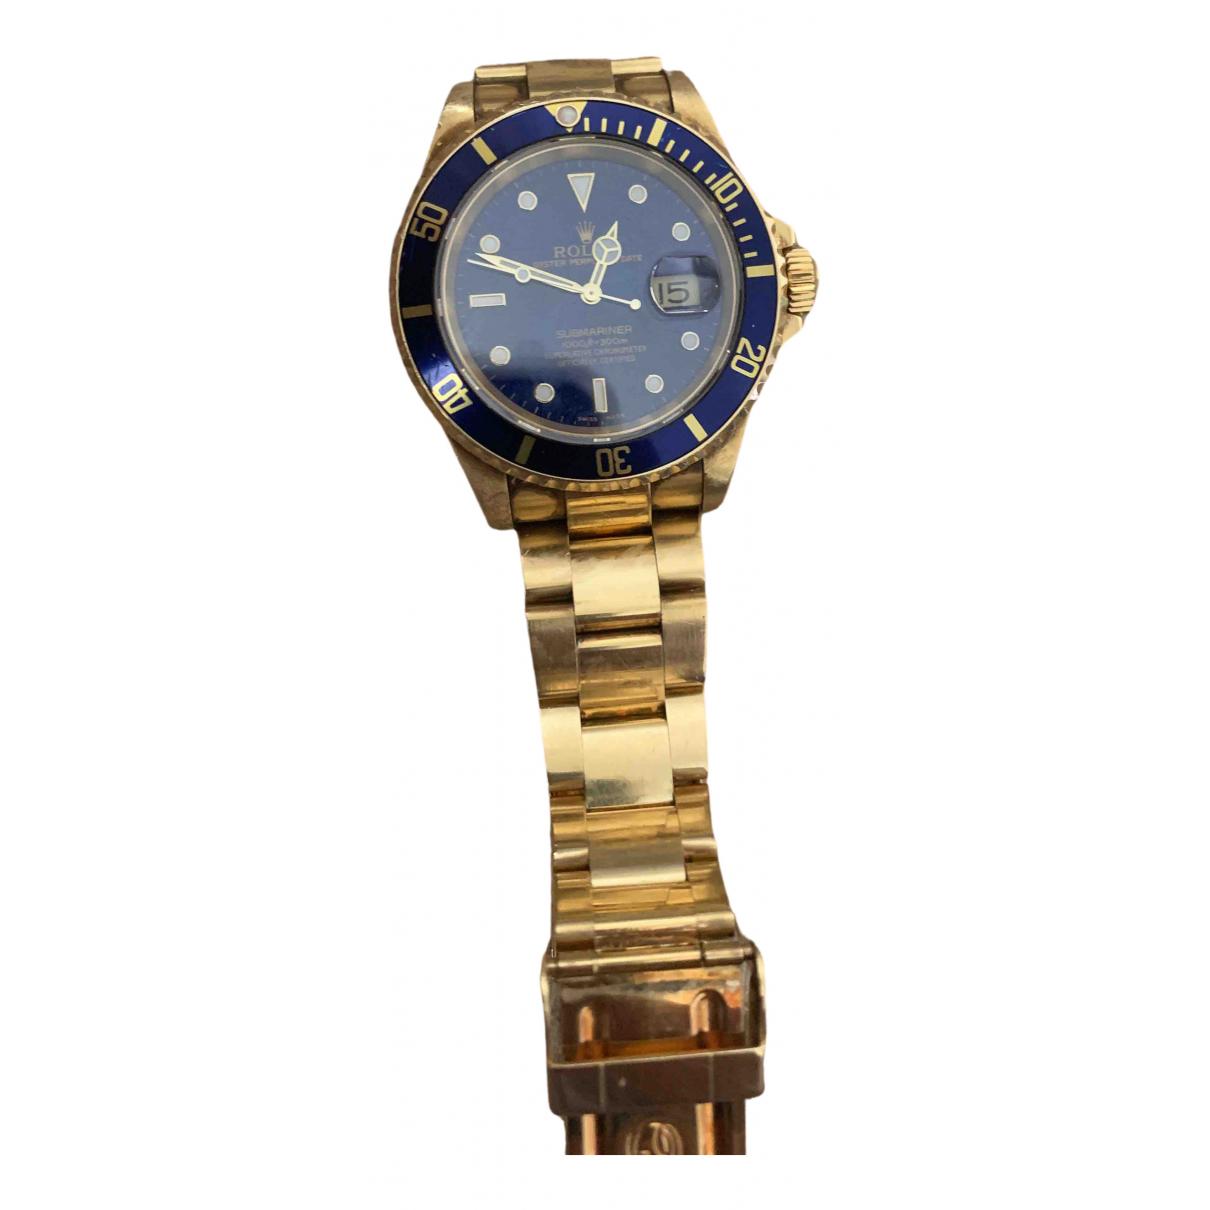 Rolex - Montre Submariner pour homme en or jaune - dore